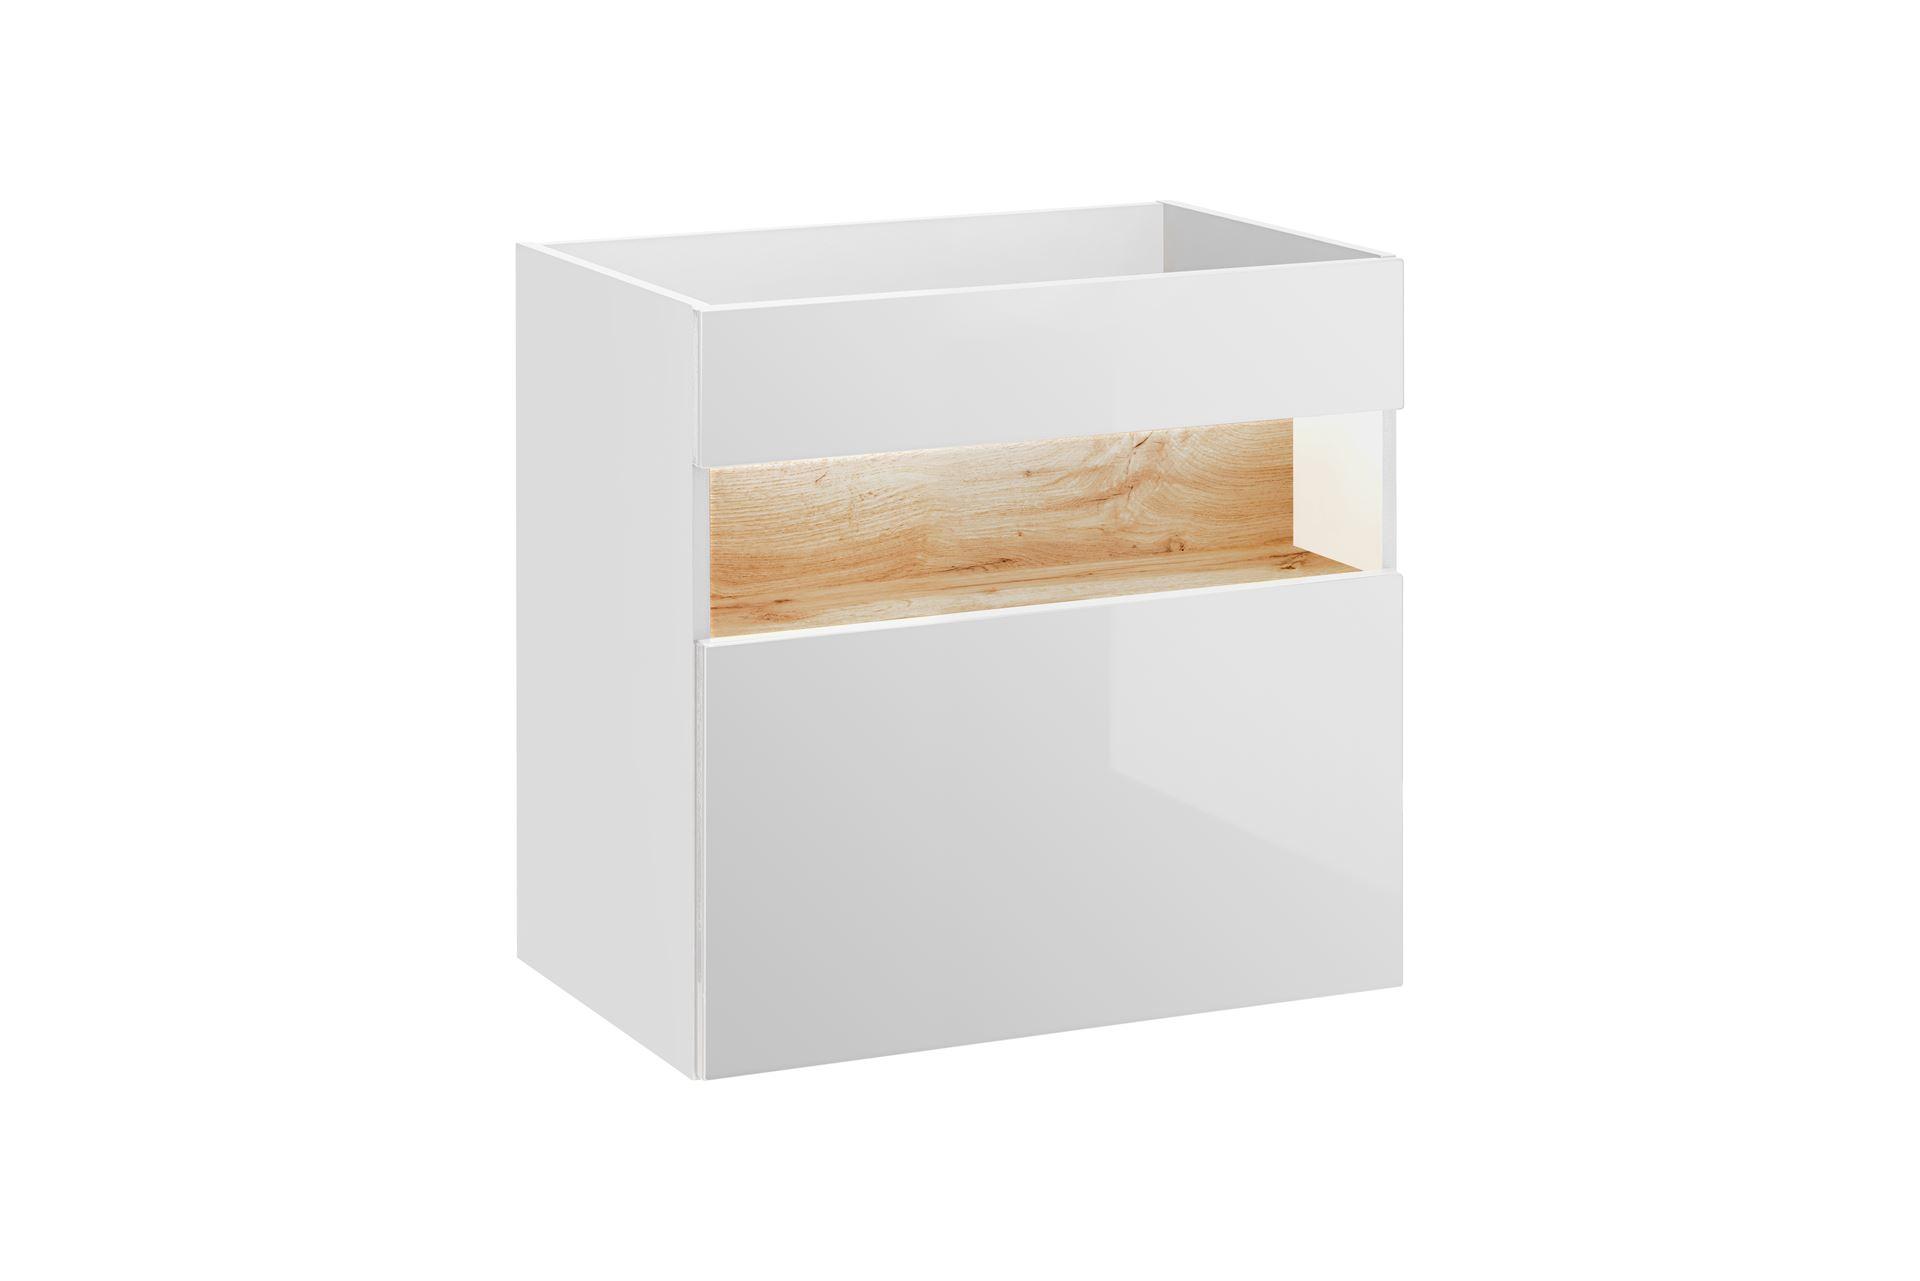 ArtCom Kúpeľňová zostava BAHAMA White Bahama: skrinka pod umývadlo 60 cm - 820   67 x 60 x 46